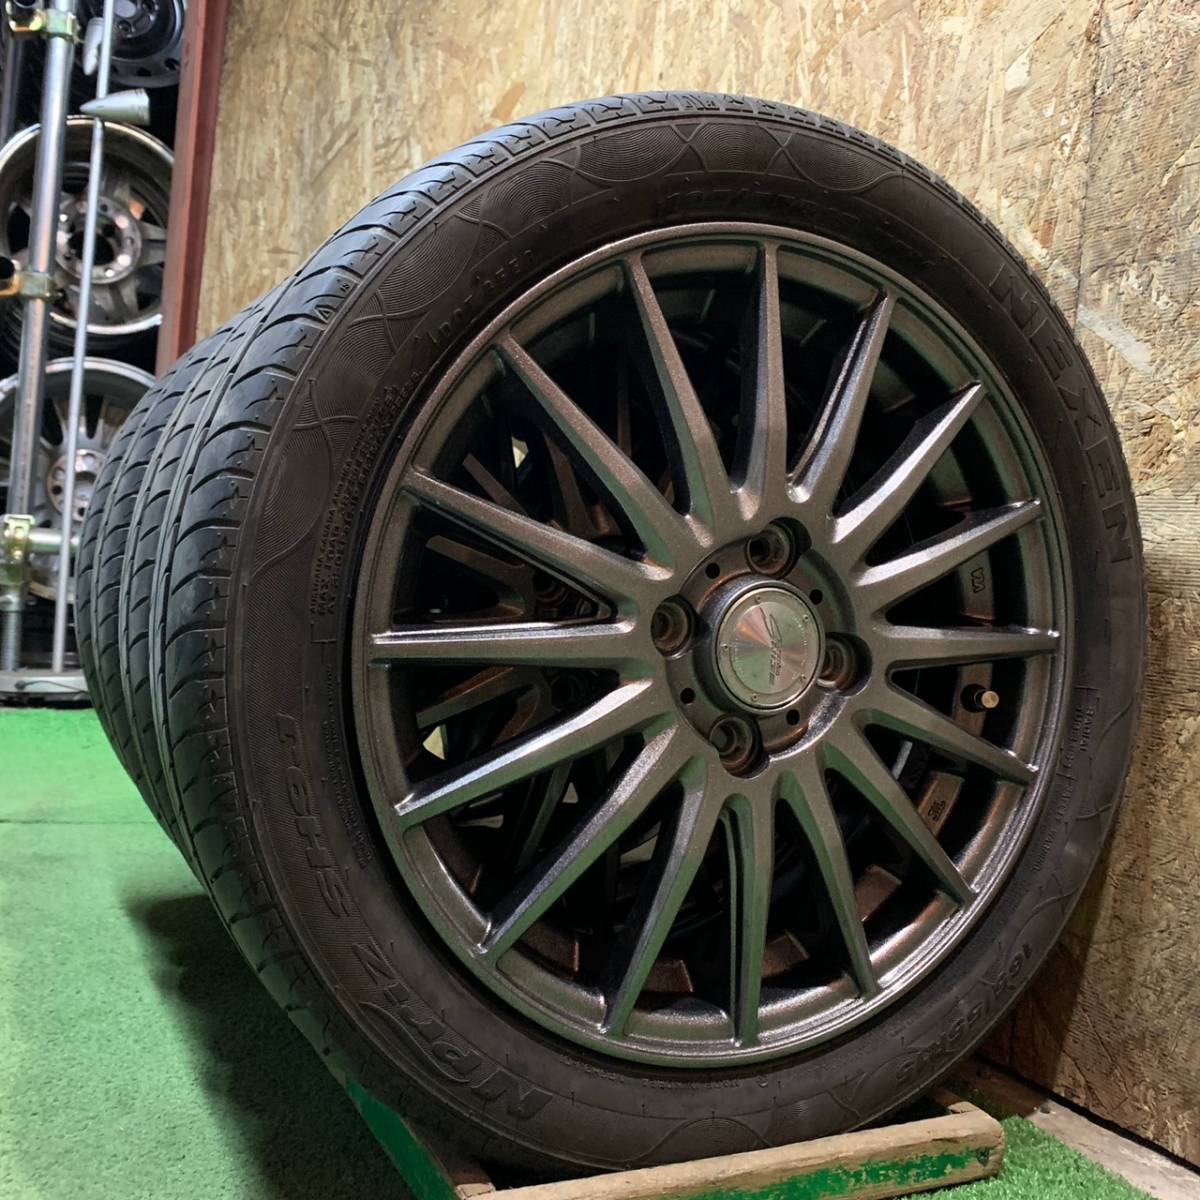 美品!SEINS RACING 社外ホイール&165/55R15 NEXEN Npriz SH9J☆ワゴンR タント ムーヴ等 タイヤホイール 4本セット!_画像6